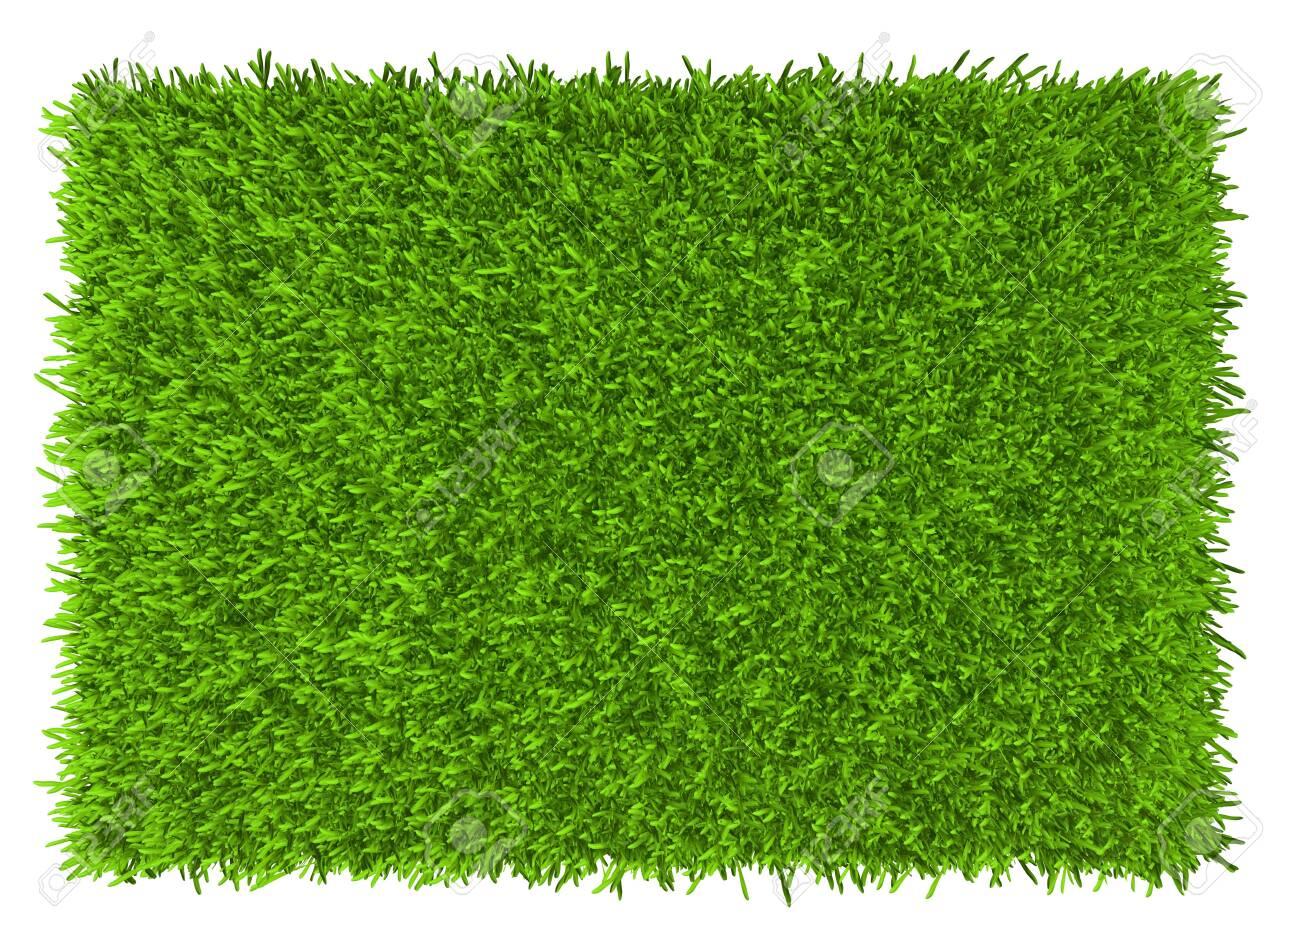 Grass background texture. fresh grass. 3d rendering - 125293912